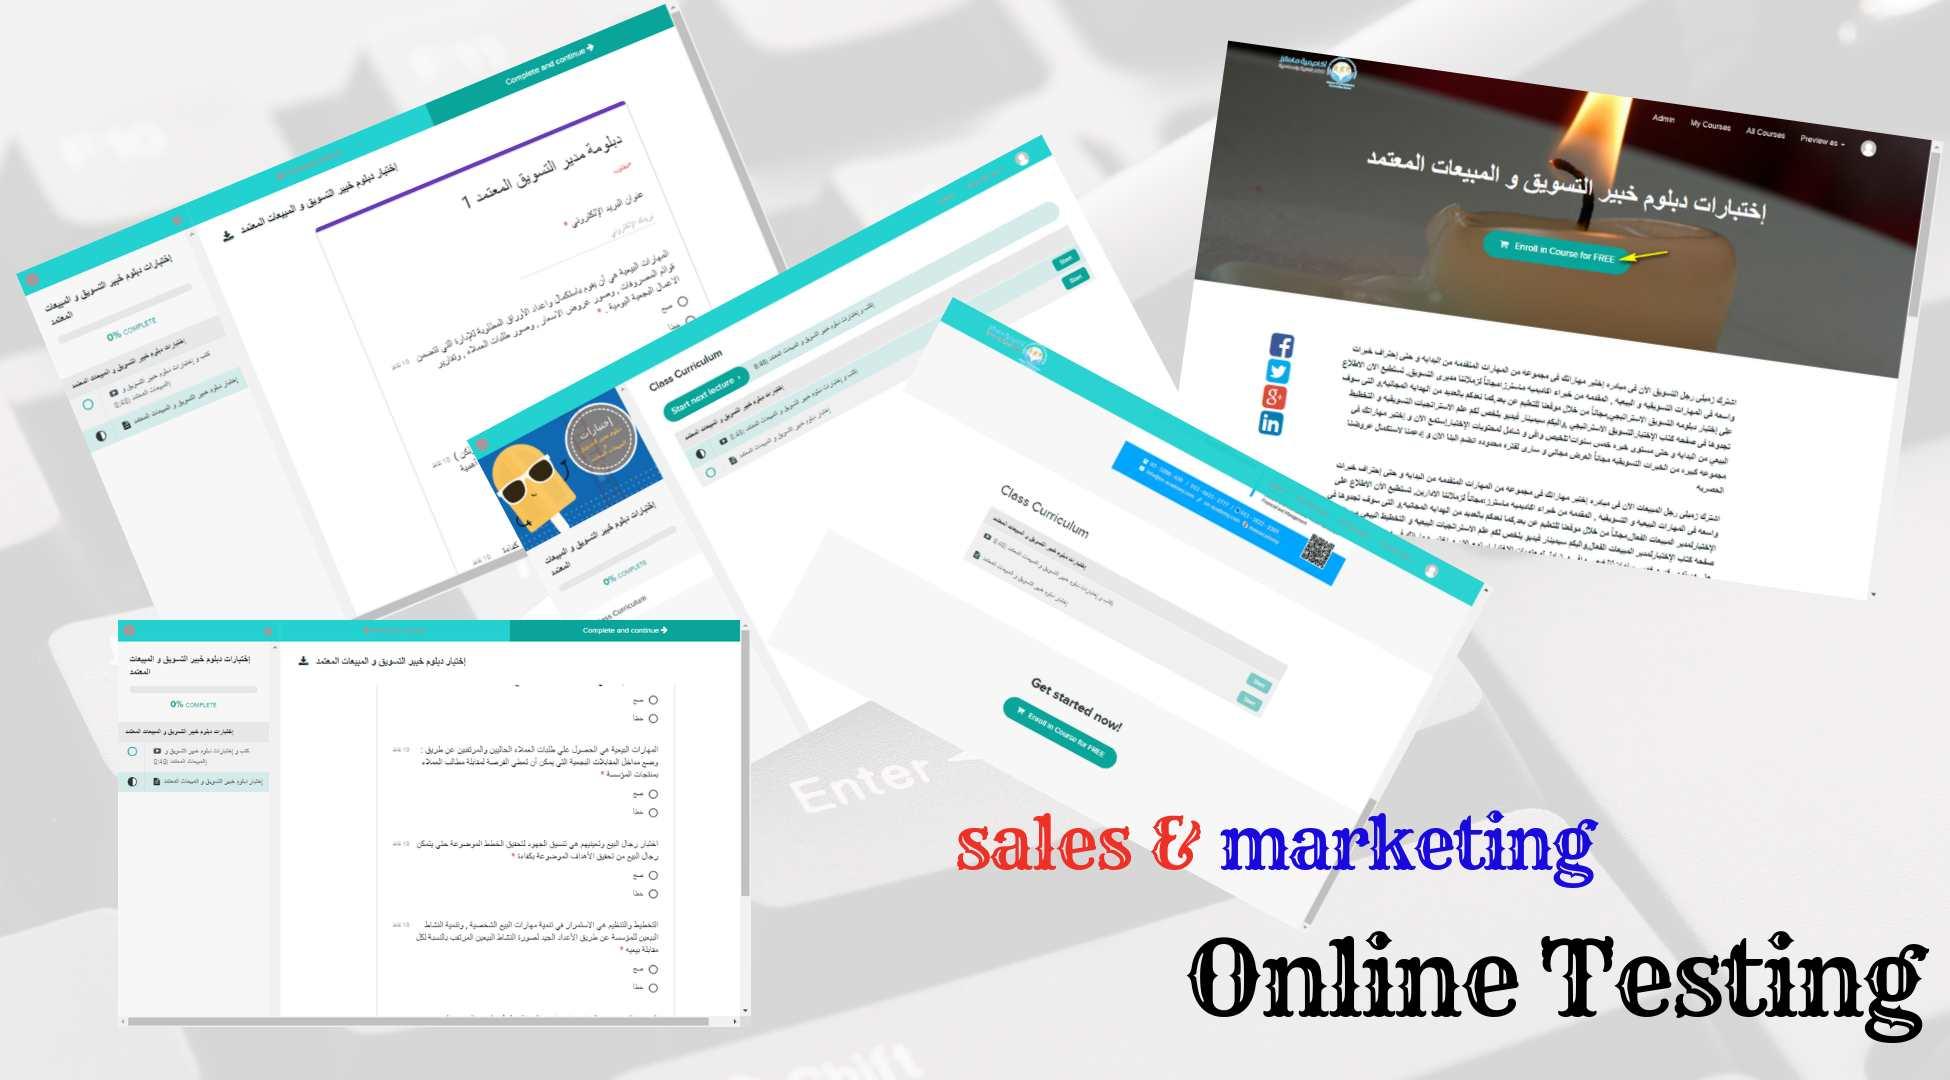 خبير التسويق و المبيعات